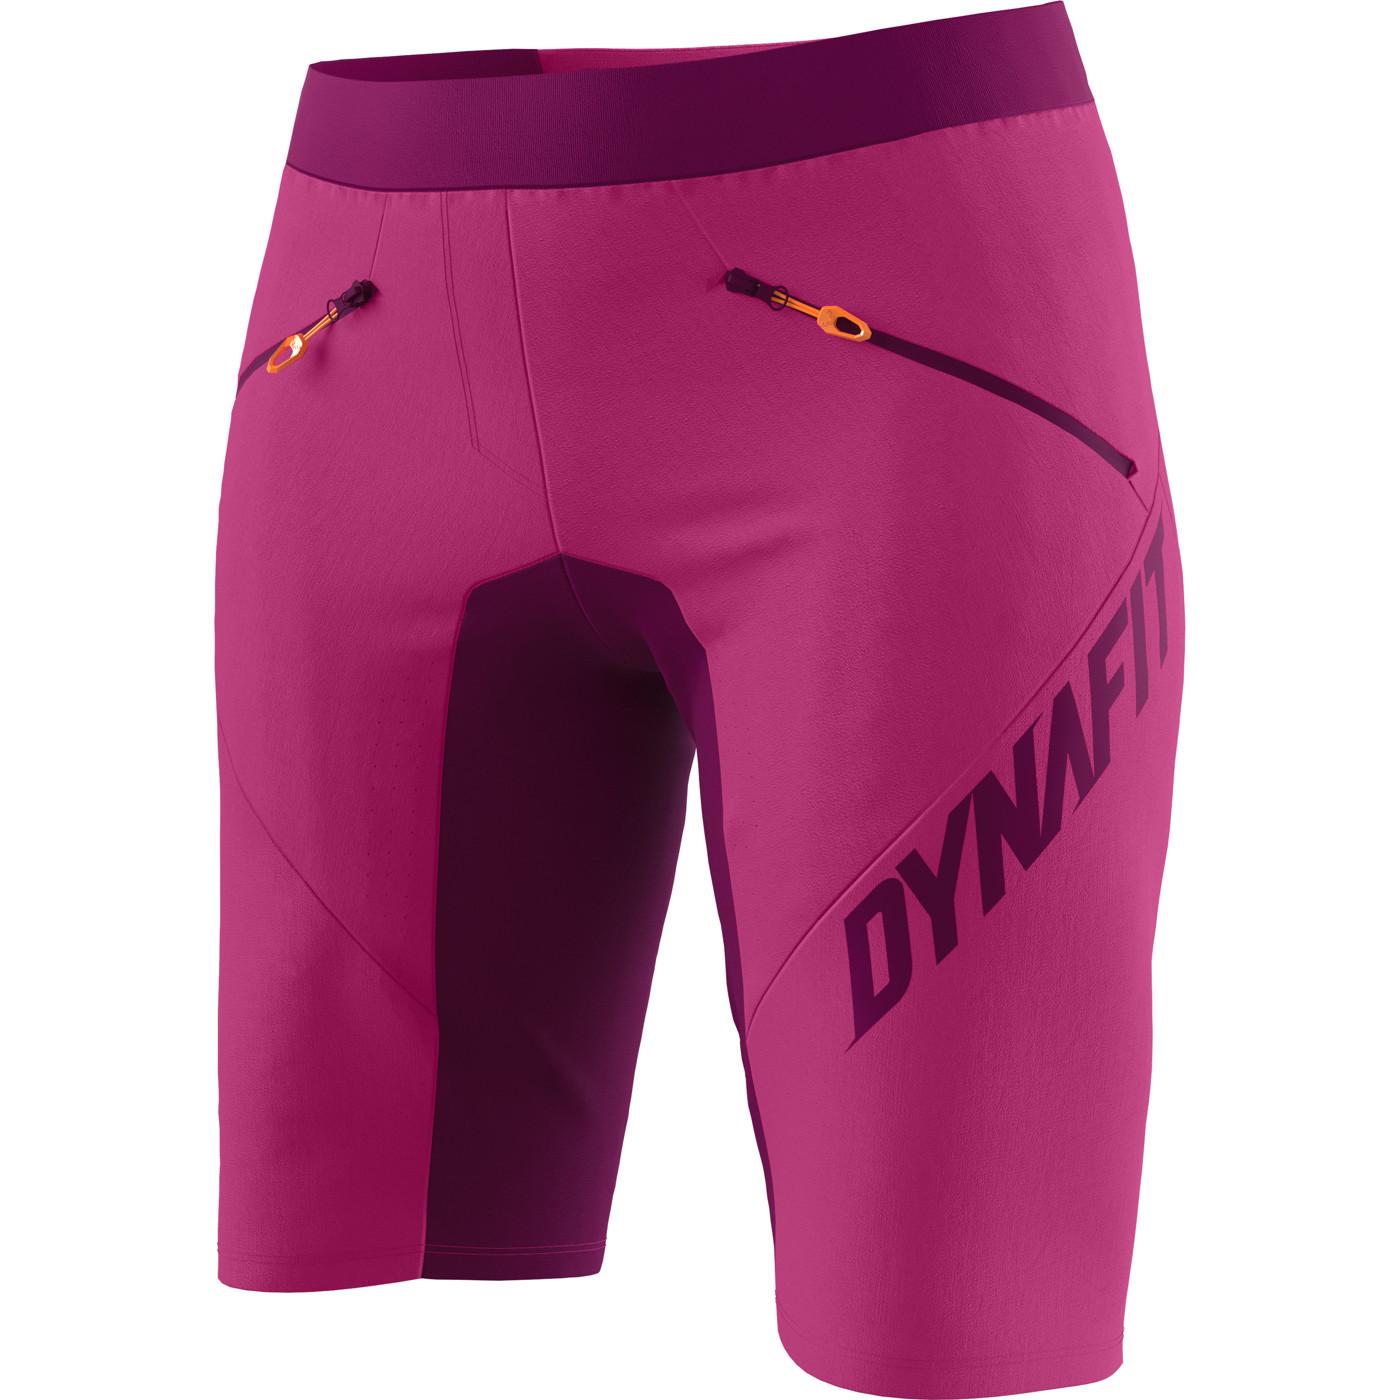 DYNAFIT Ride Light Dynastretch Shorts - Damen